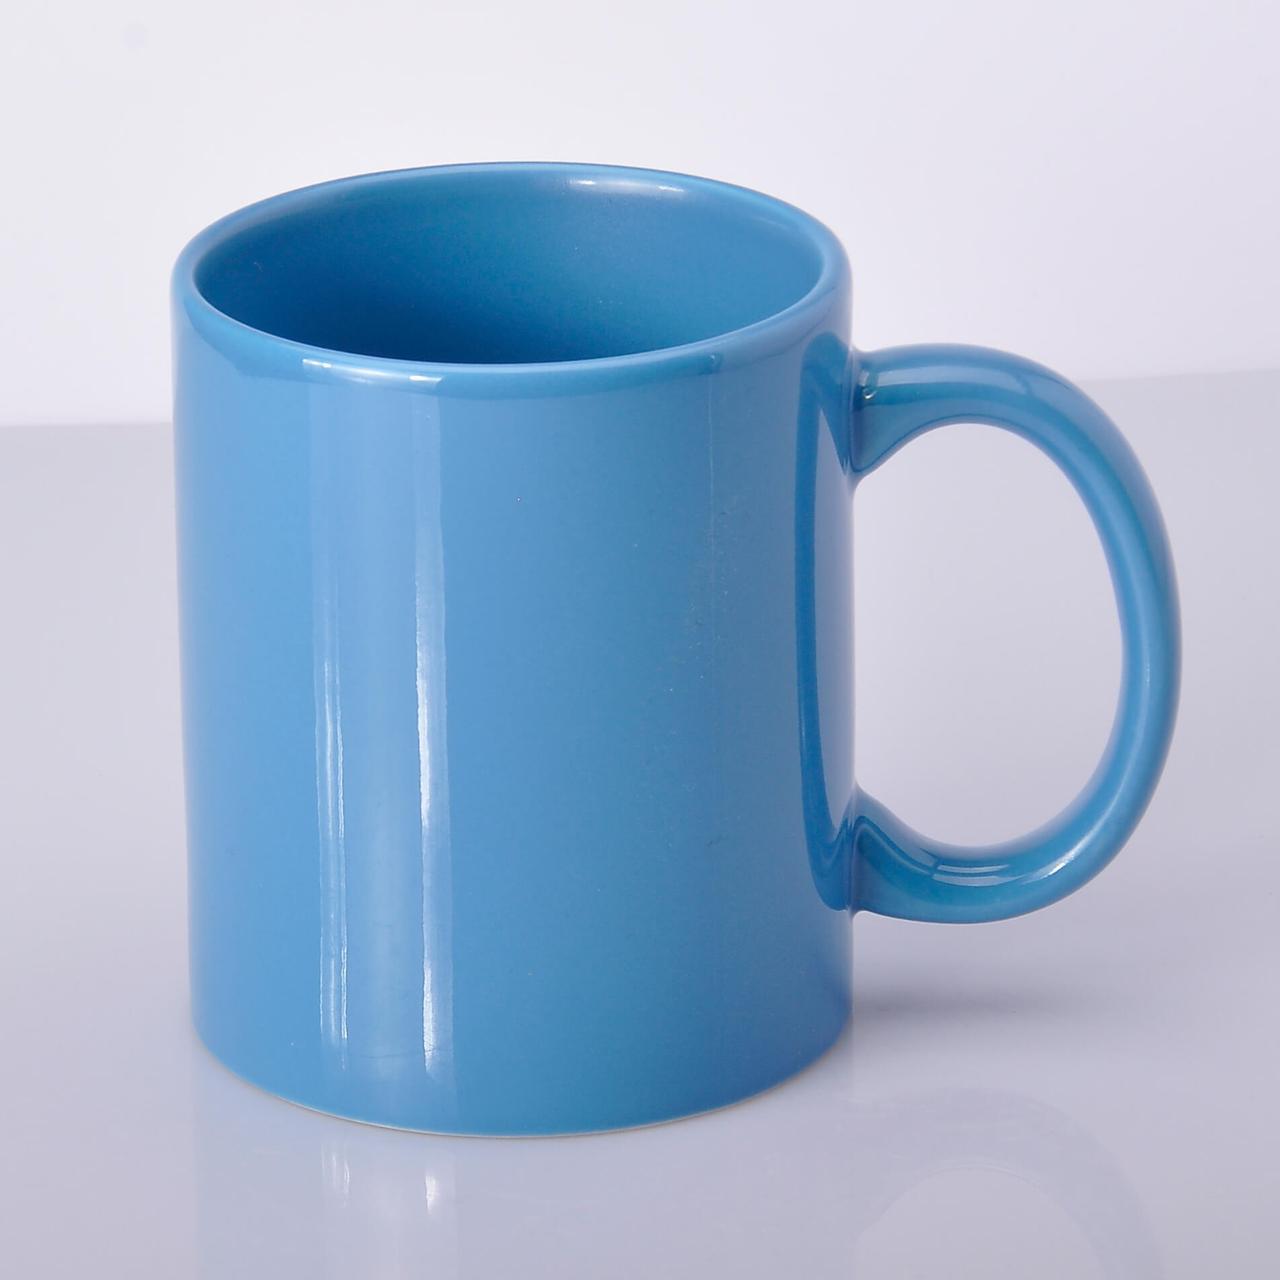 Чашка для сублимации цветная FullColor 330 мл Голубая